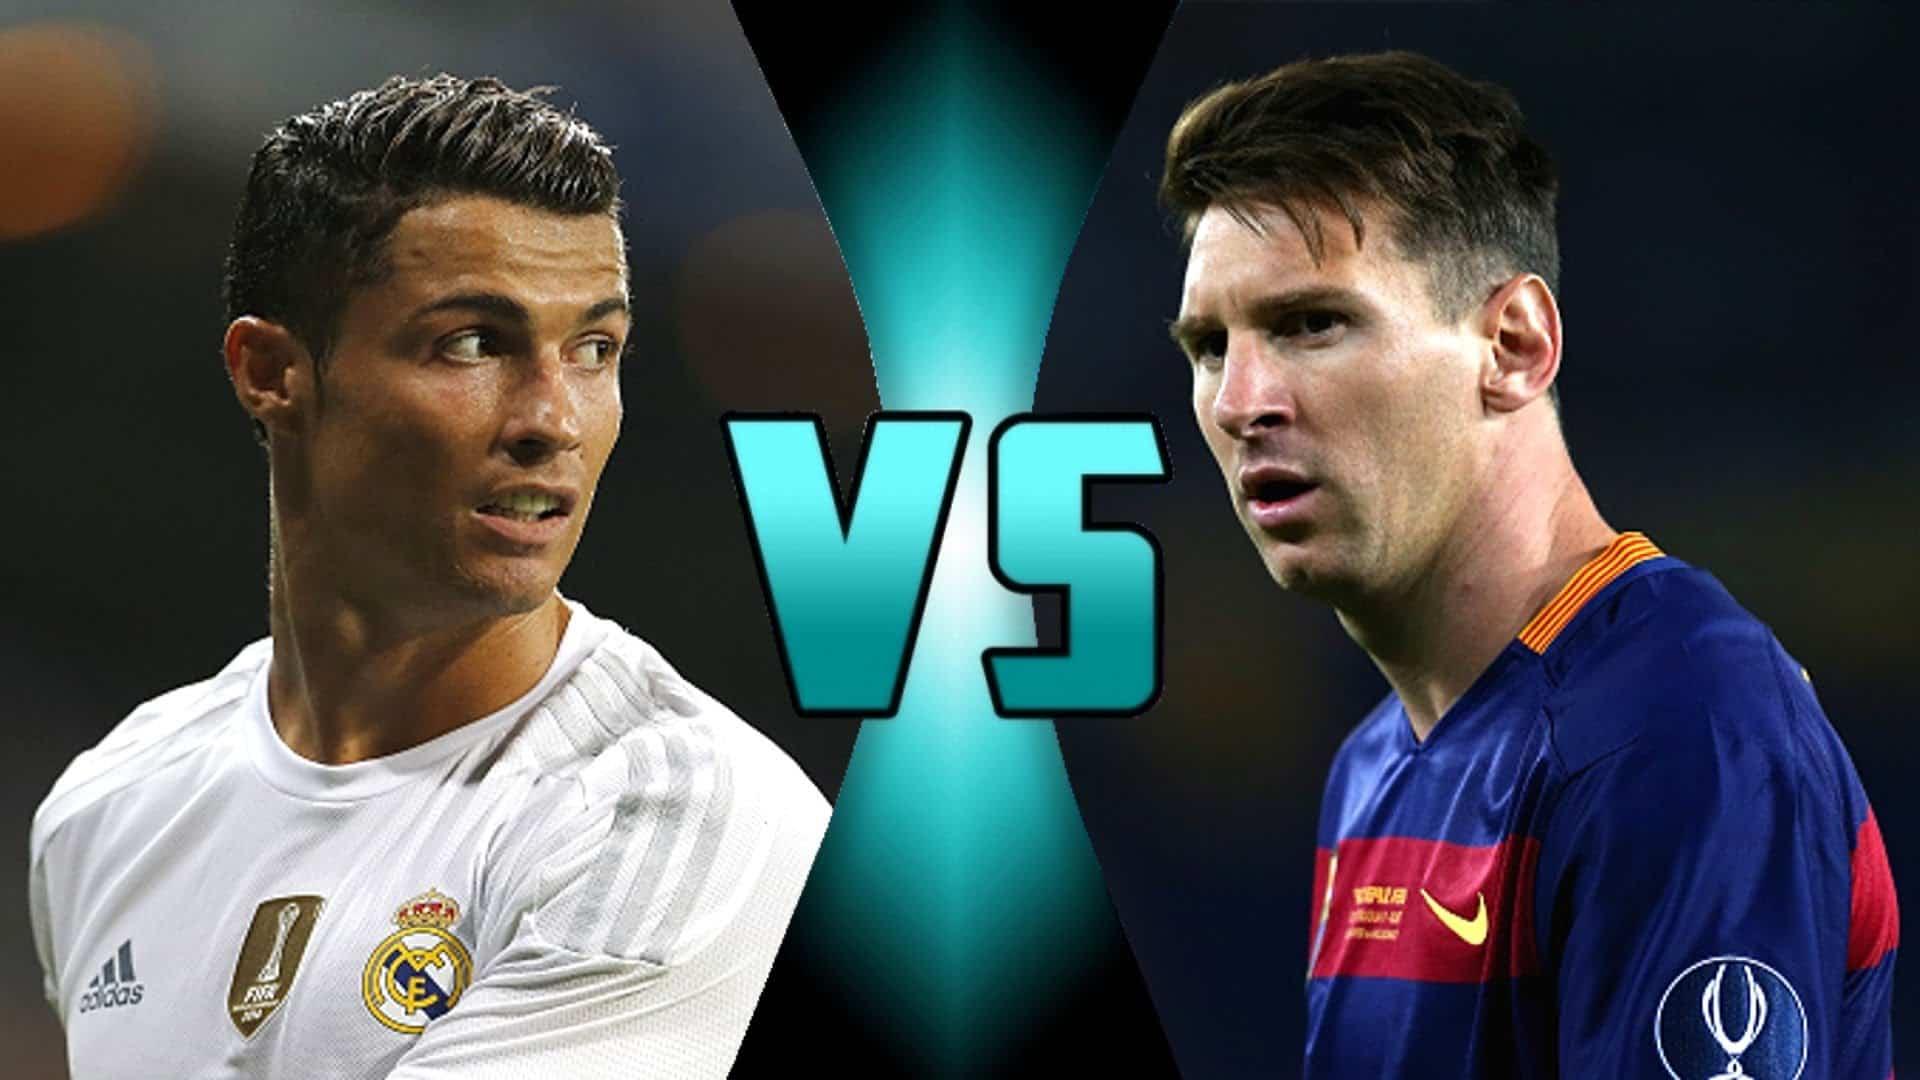 Lionel Messi vs Cristiano Ronaldo La Liga Stats